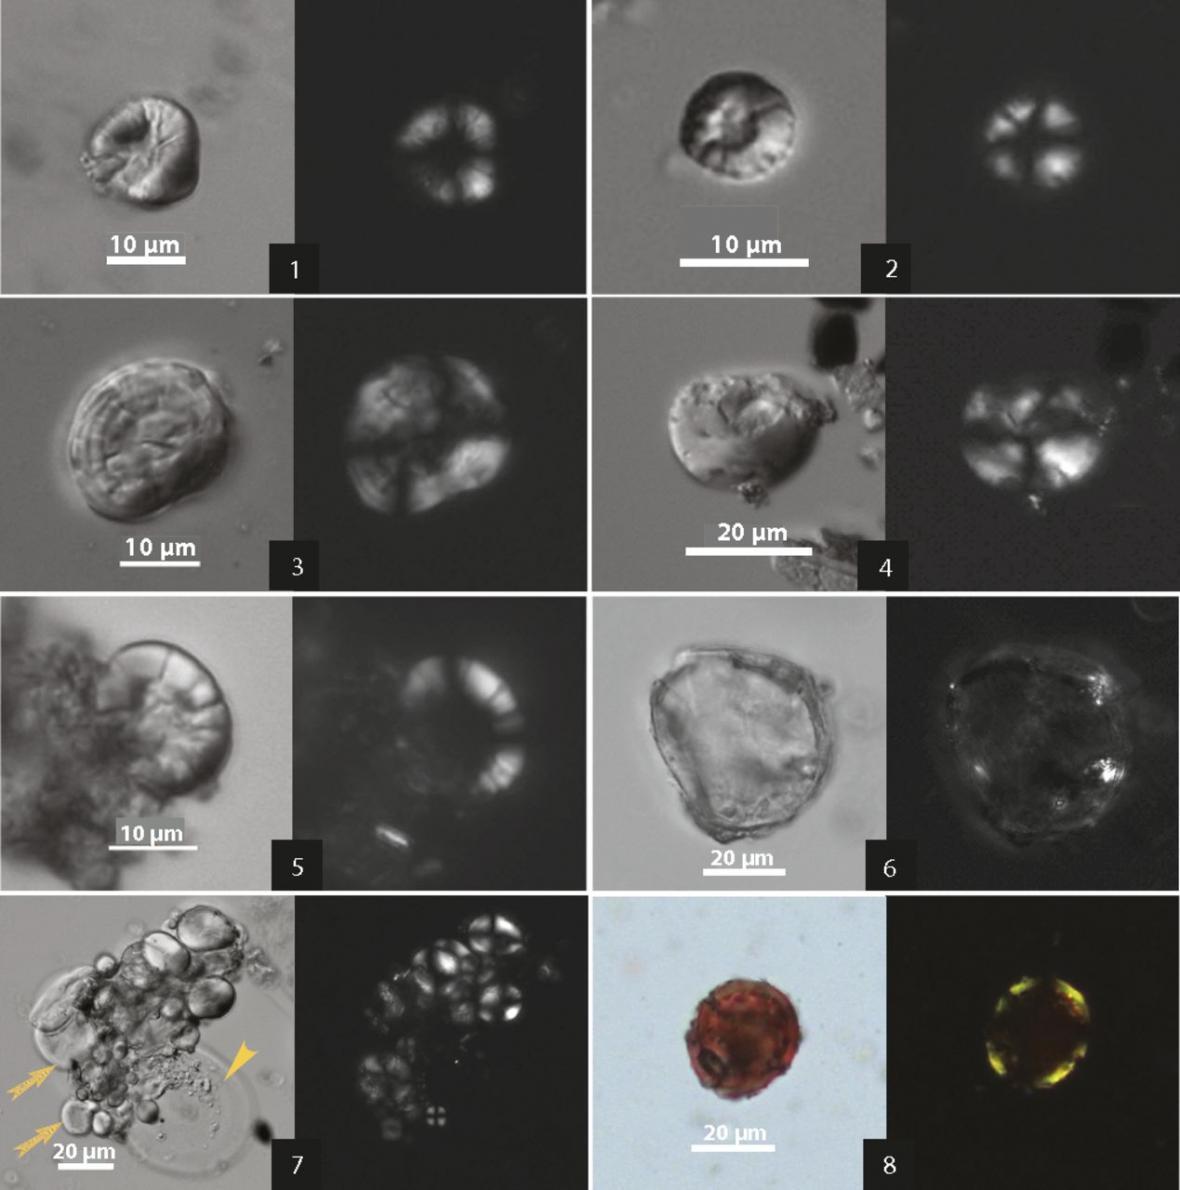 Rostlinné zbytky nalezené v nádobách - pozorované pod mikroskopem